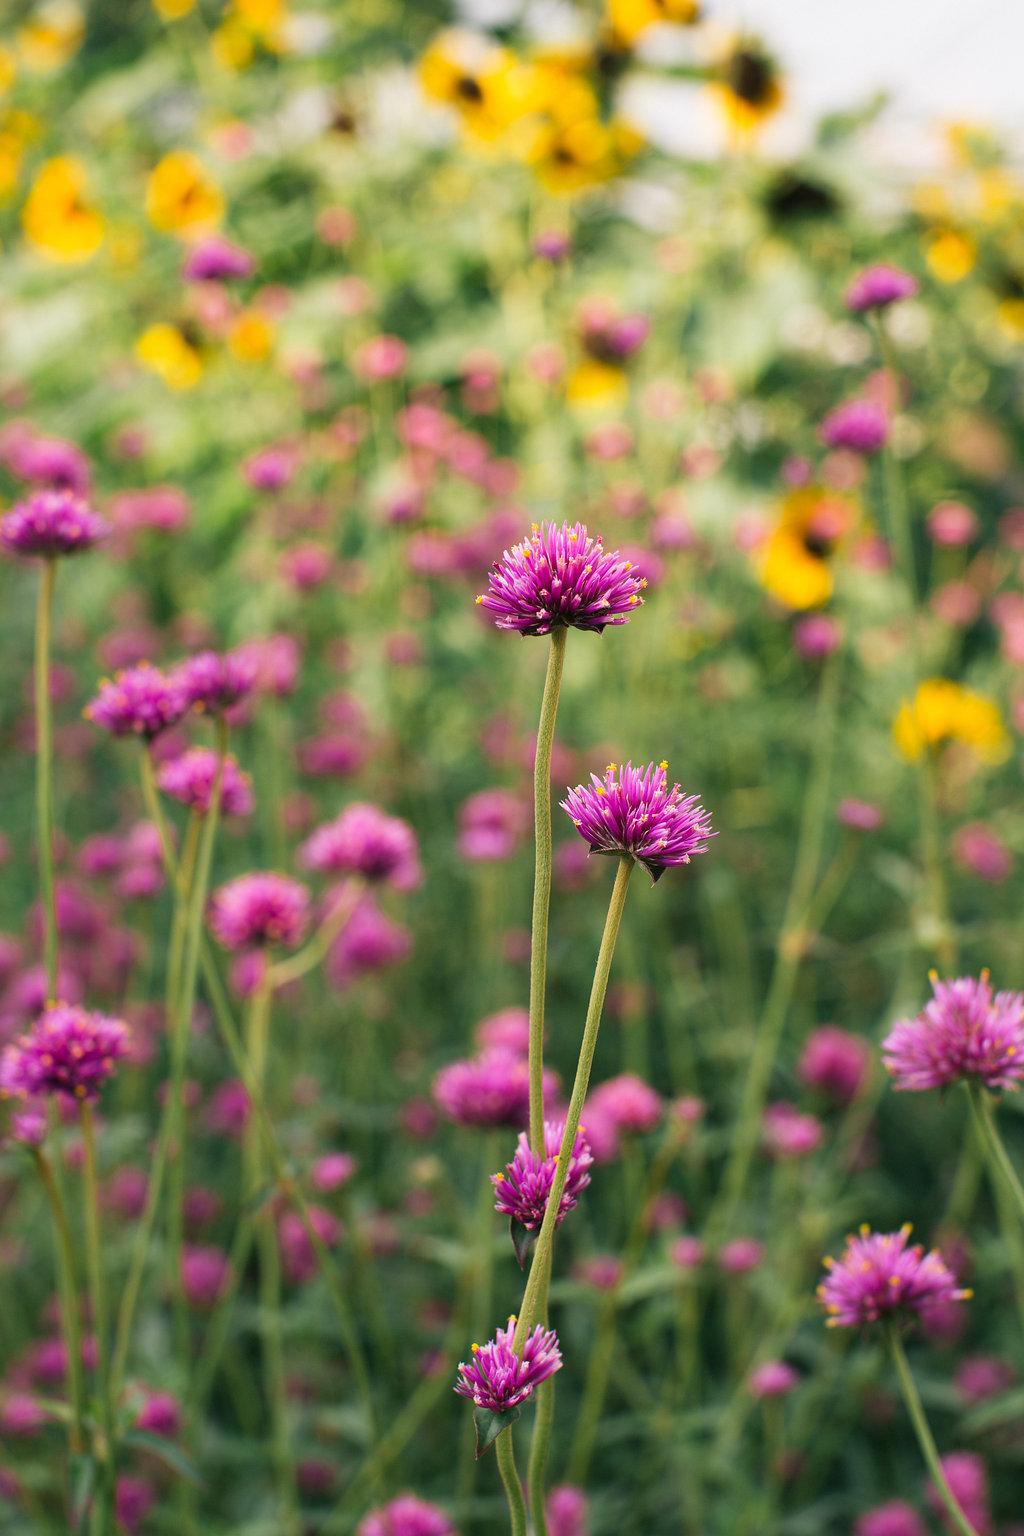 Farmhouse.Flowers_at_Mayneland.Farm-6967.jpg